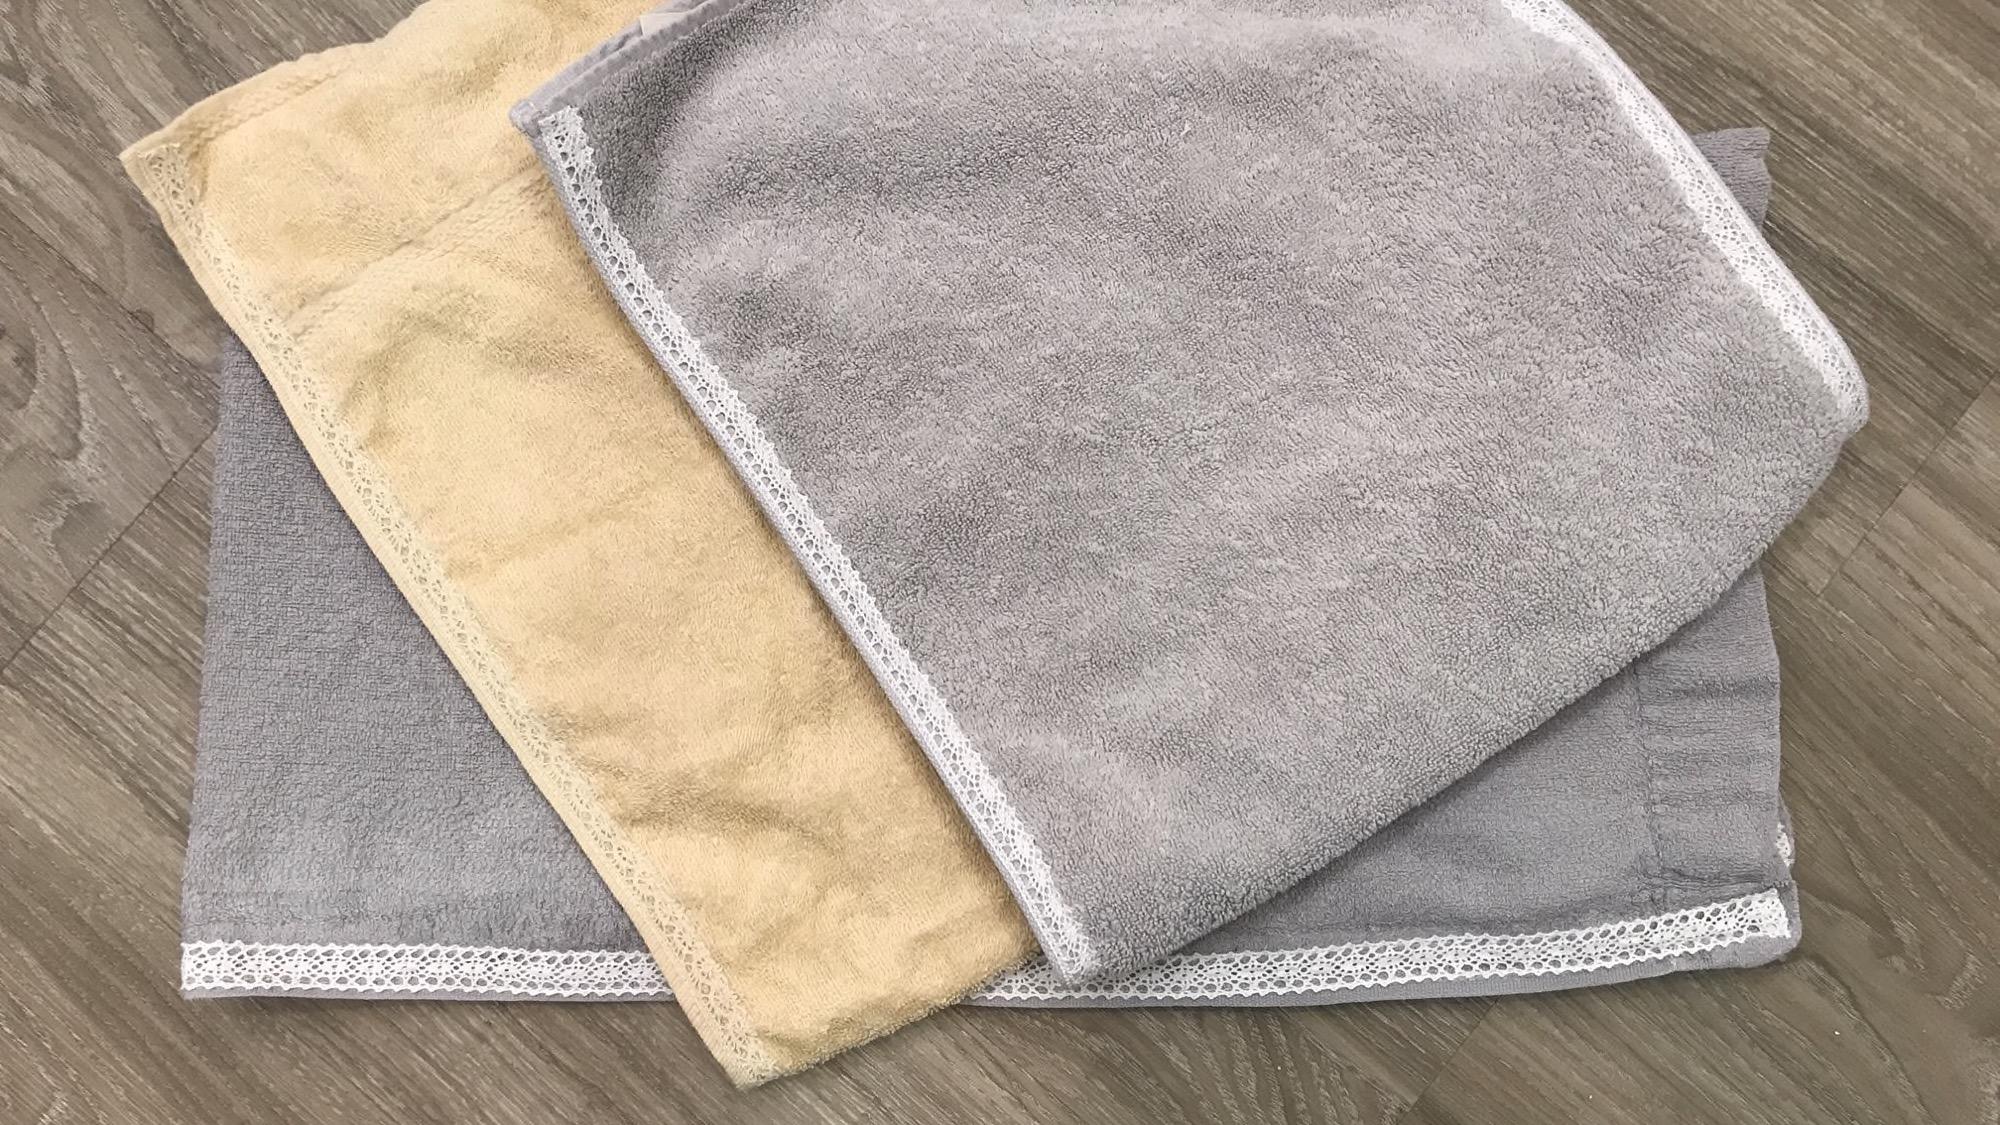 レース断捨離:トーションレース タオルに縫い付ける